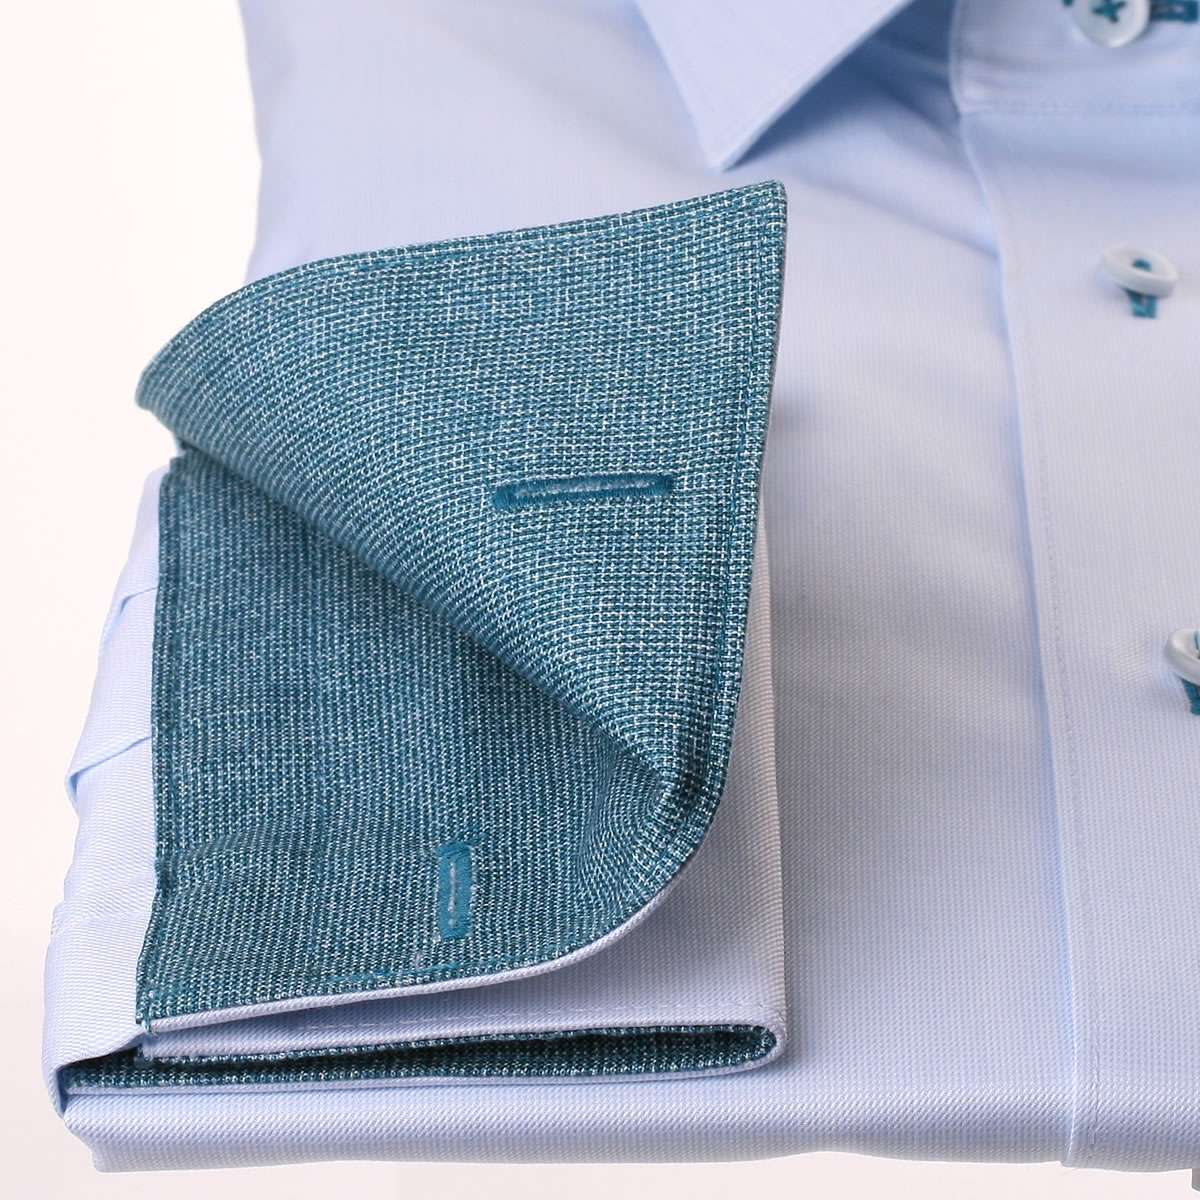 Chemise bleu clair poignets mousquetaires col et for Bleu canard clair